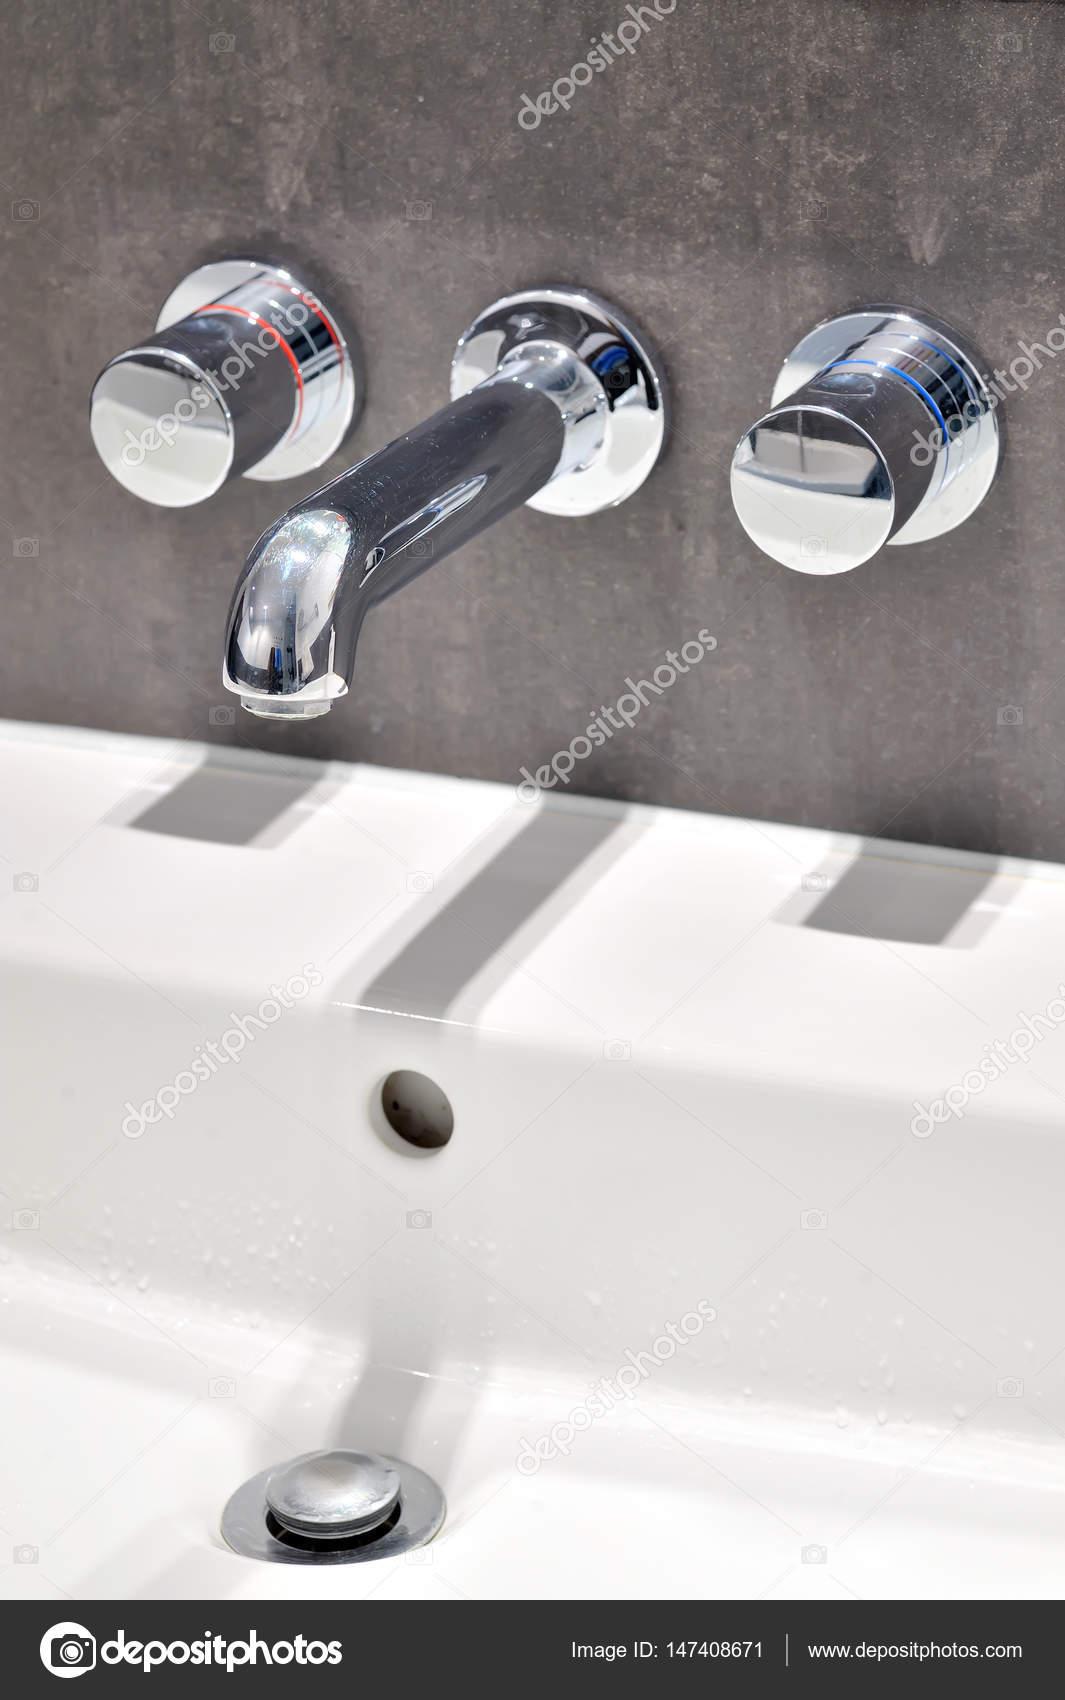 moderne Badezimmer-Armaturen — Stockfoto © icarmen13 #147408671